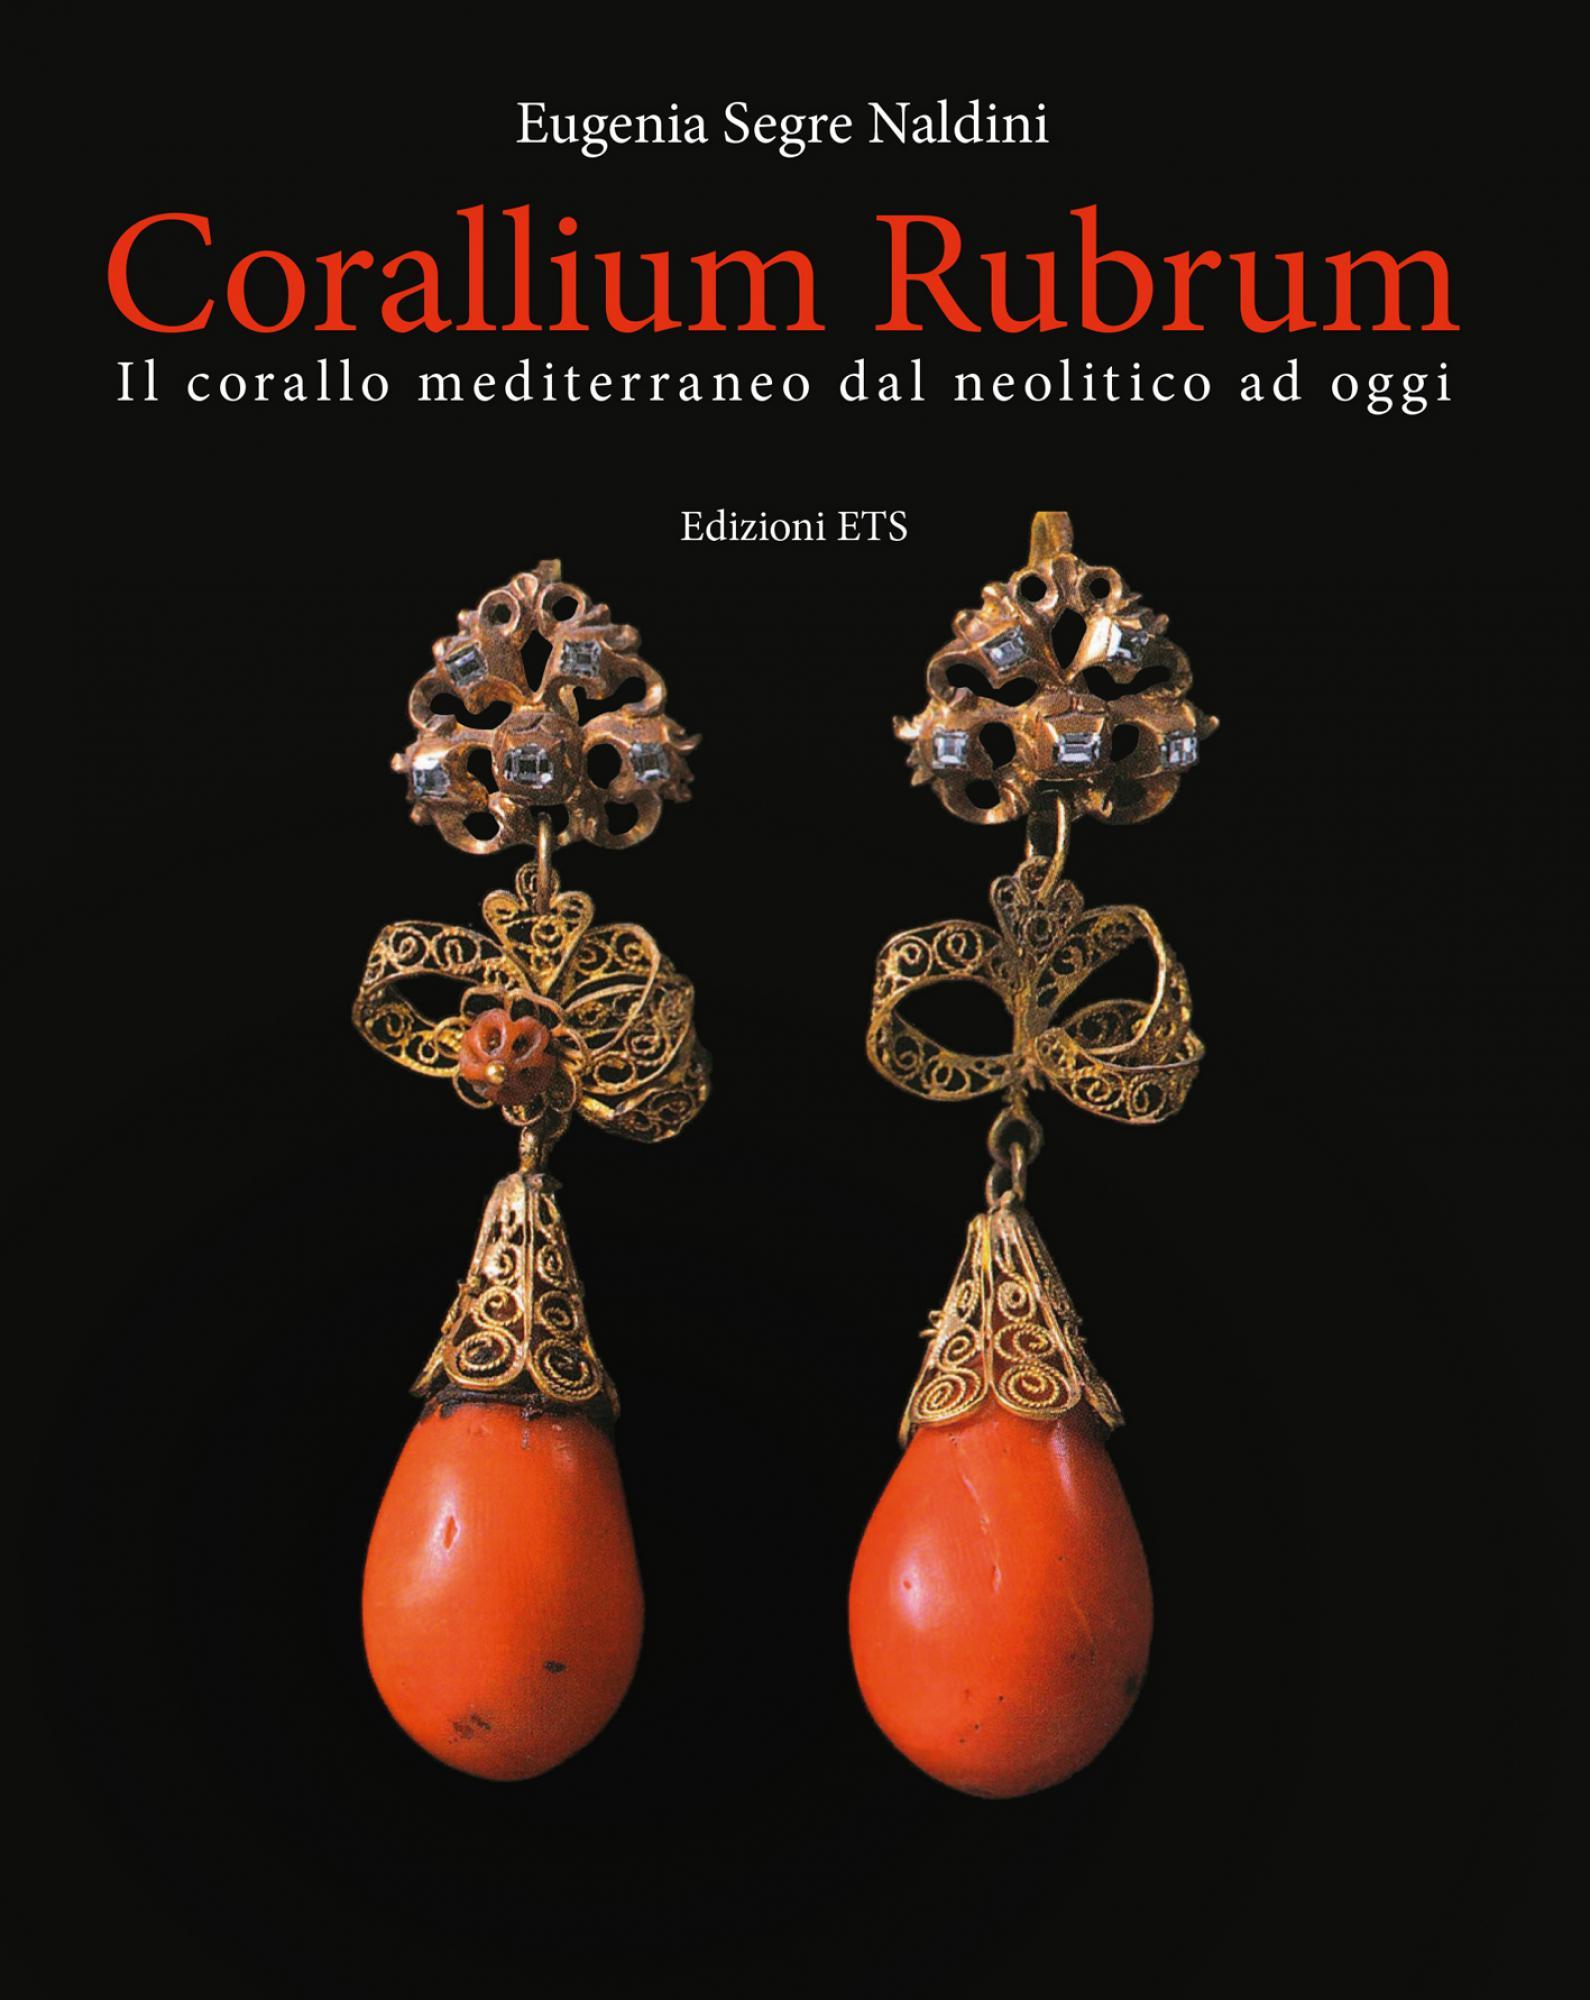 Corallium Rubrum.Il corallo mediterraneo dal neolitico ad oggi